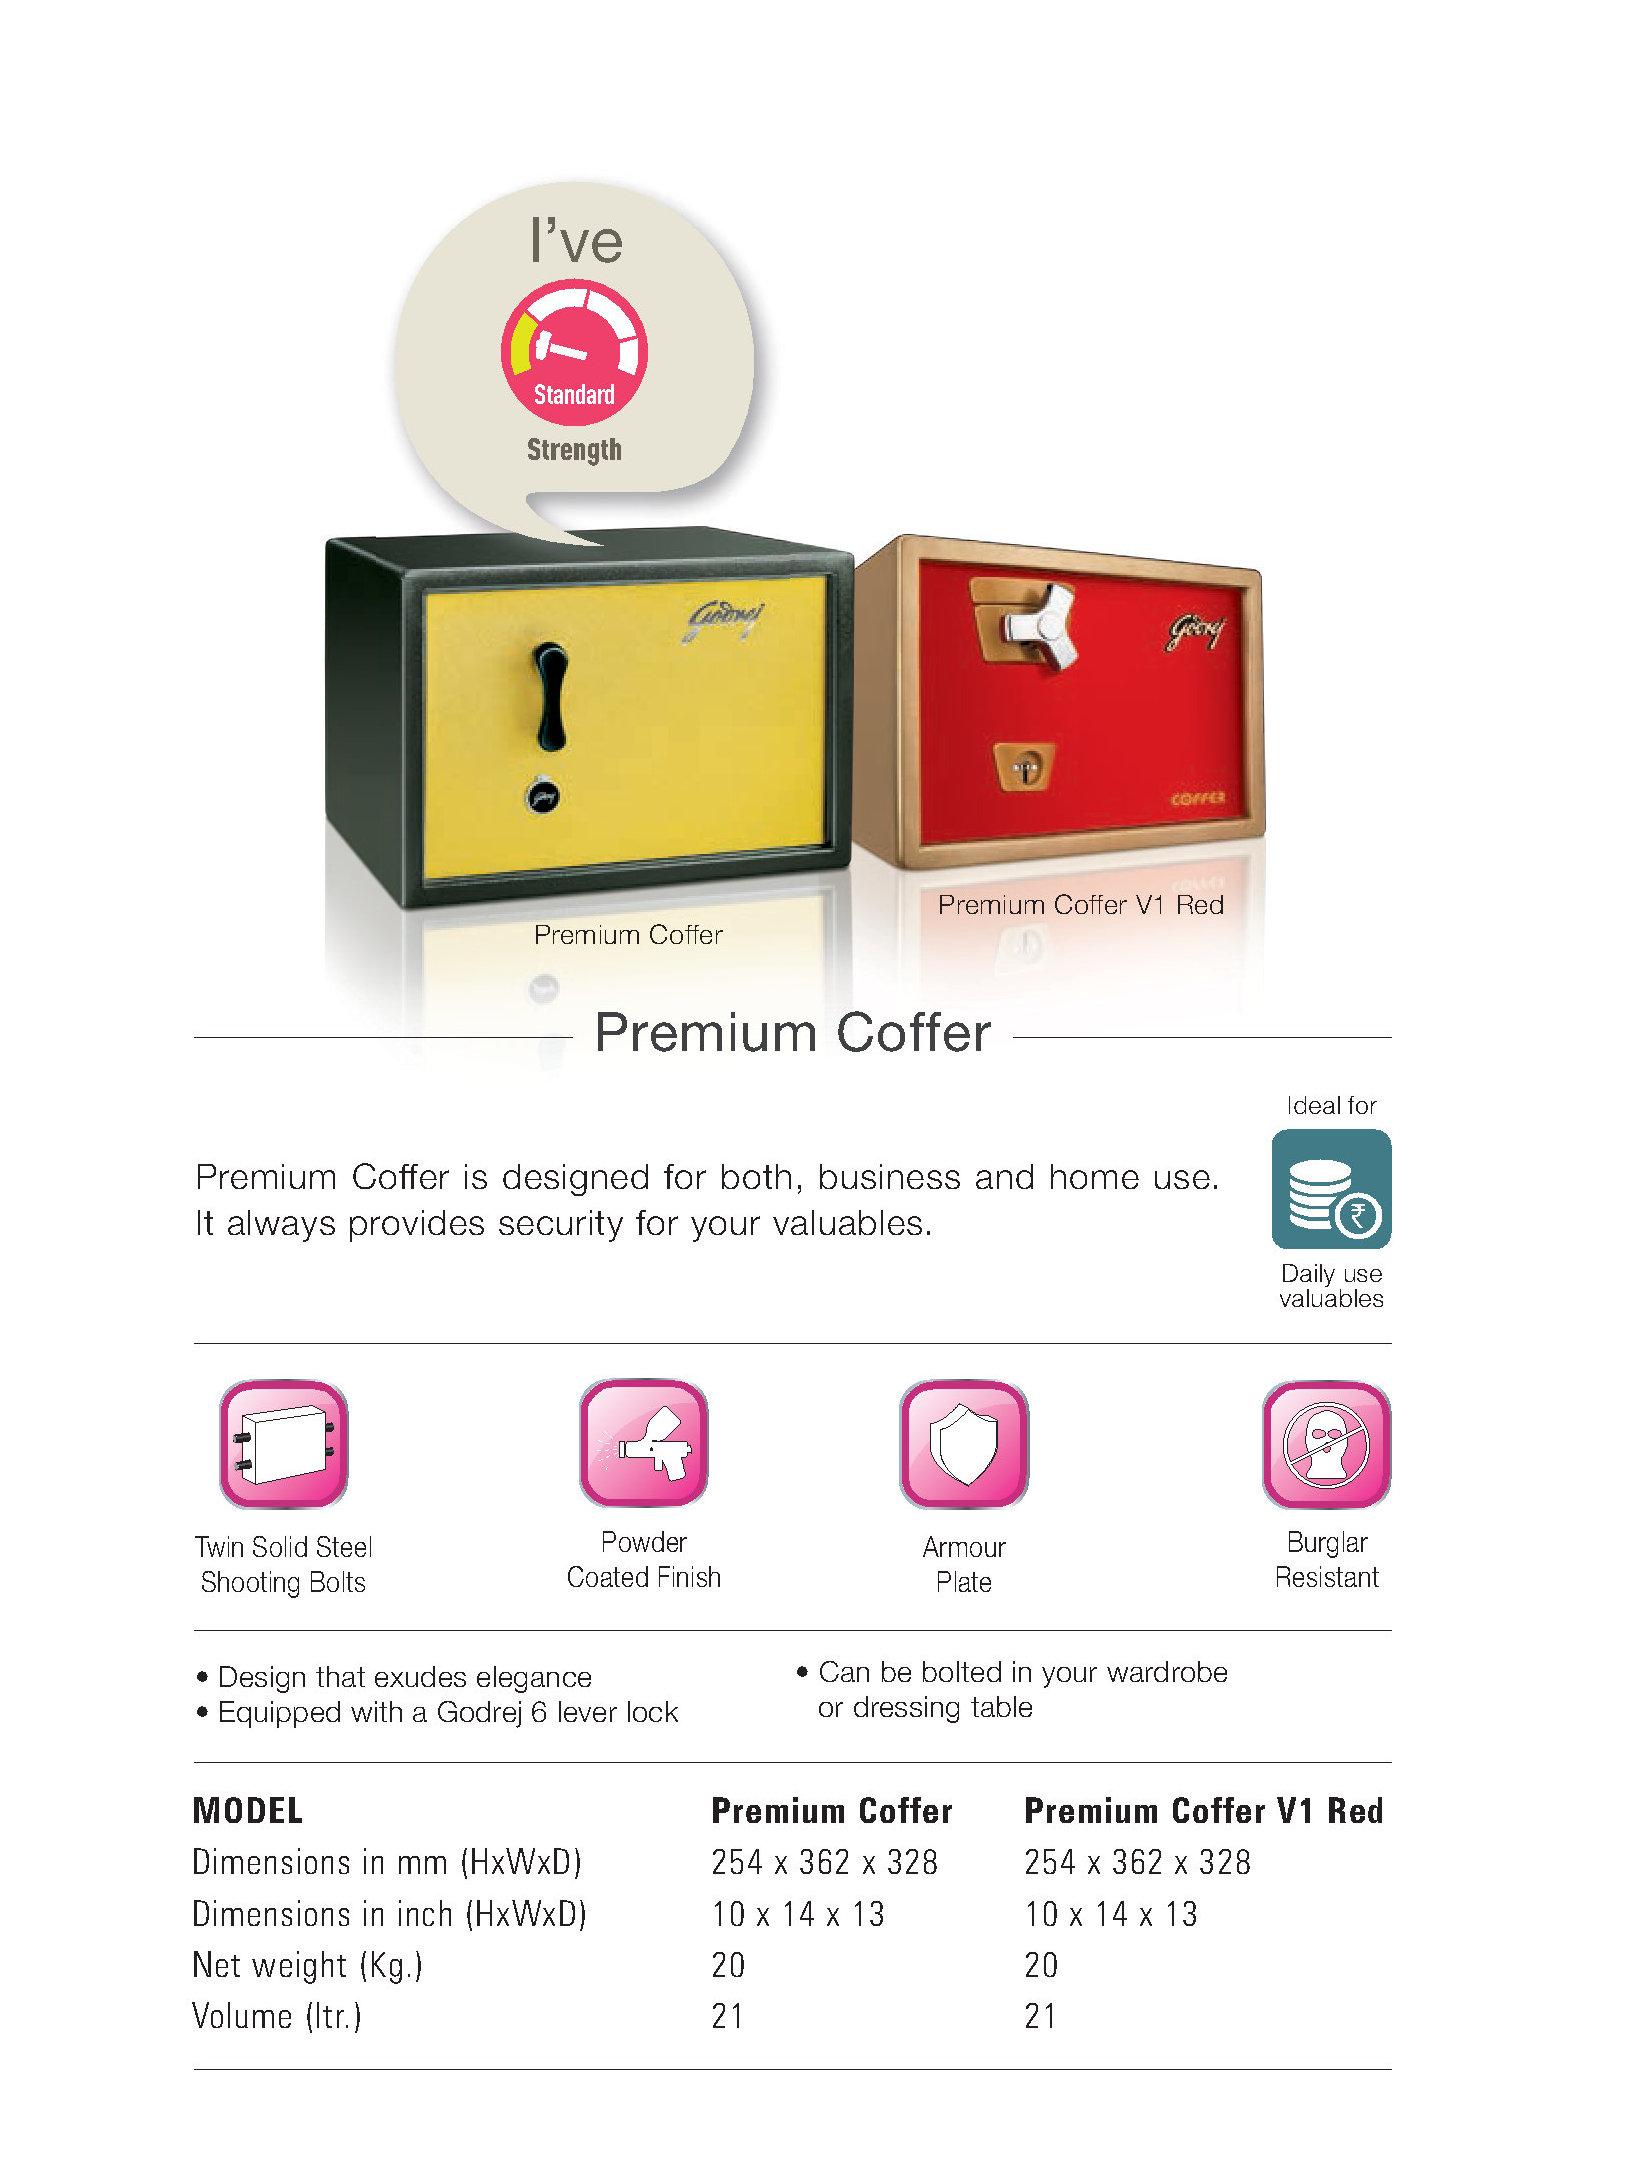 Premium Coffer